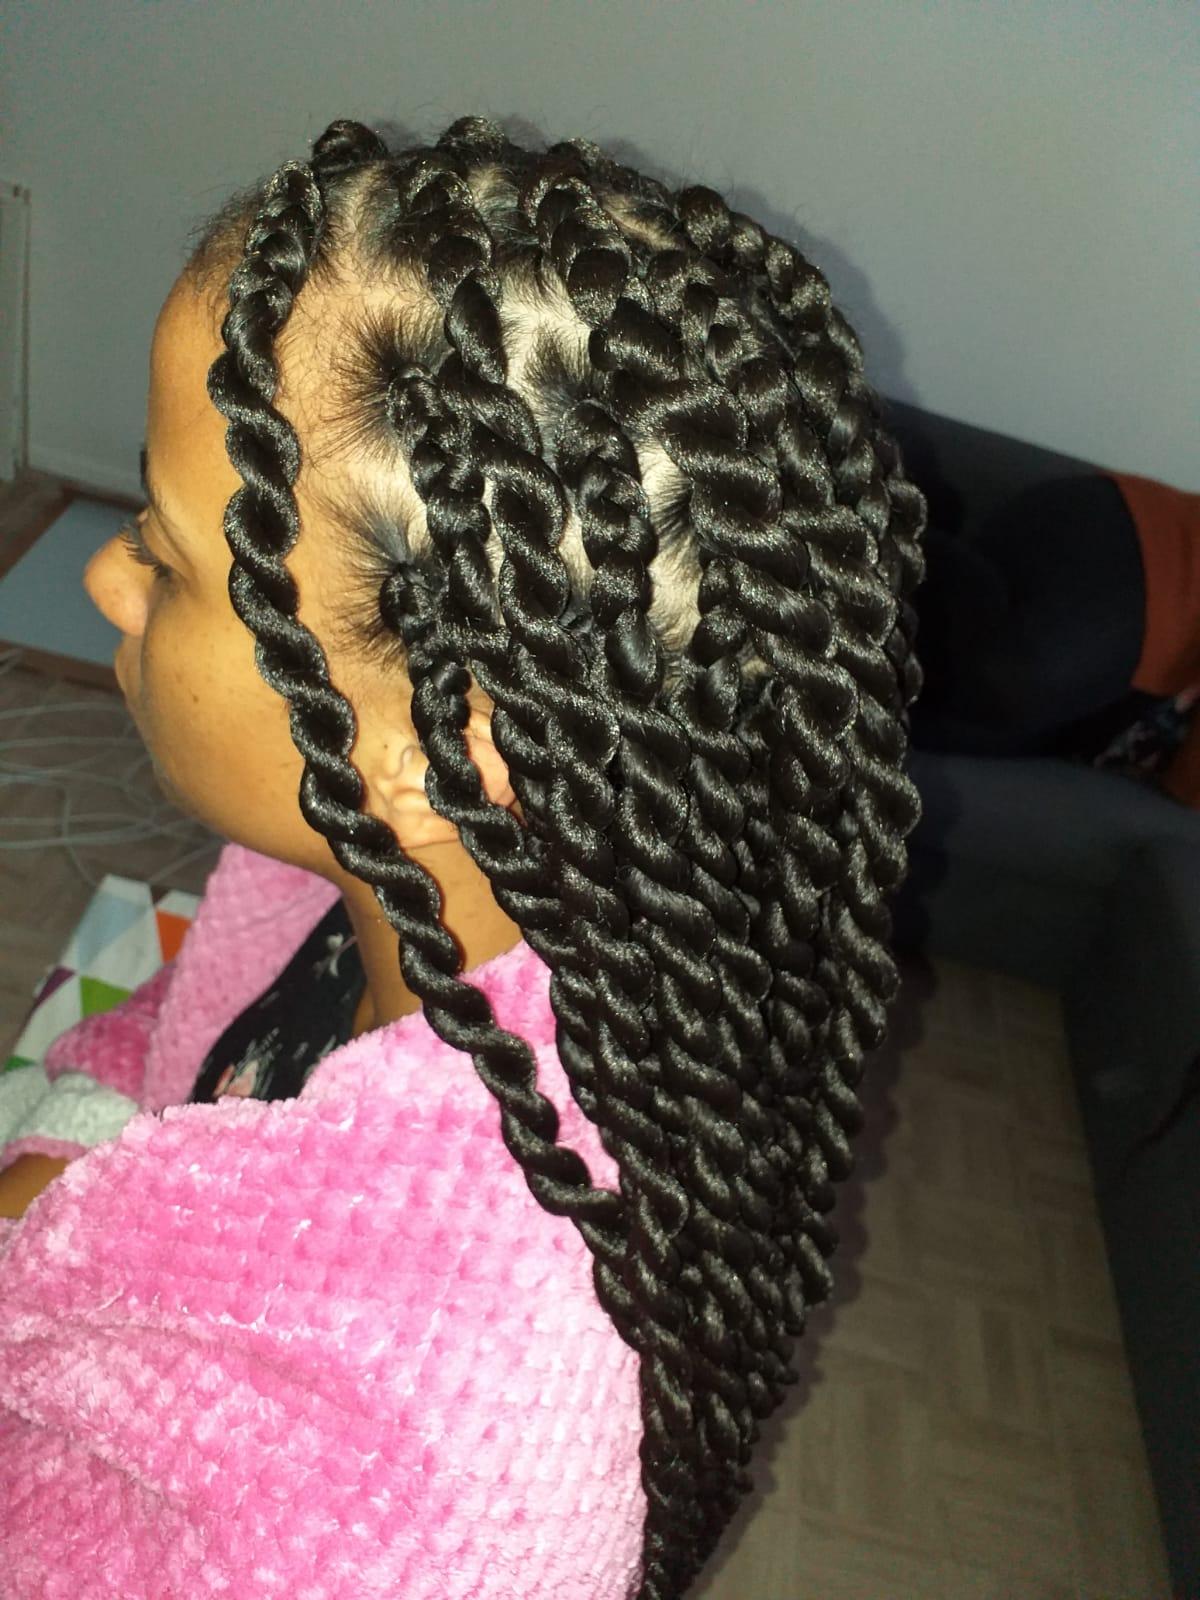 salon de coiffure afro tresse tresses box braids crochet braids vanilles tissages paris 75 77 78 91 92 93 94 95 LDZQDMRR